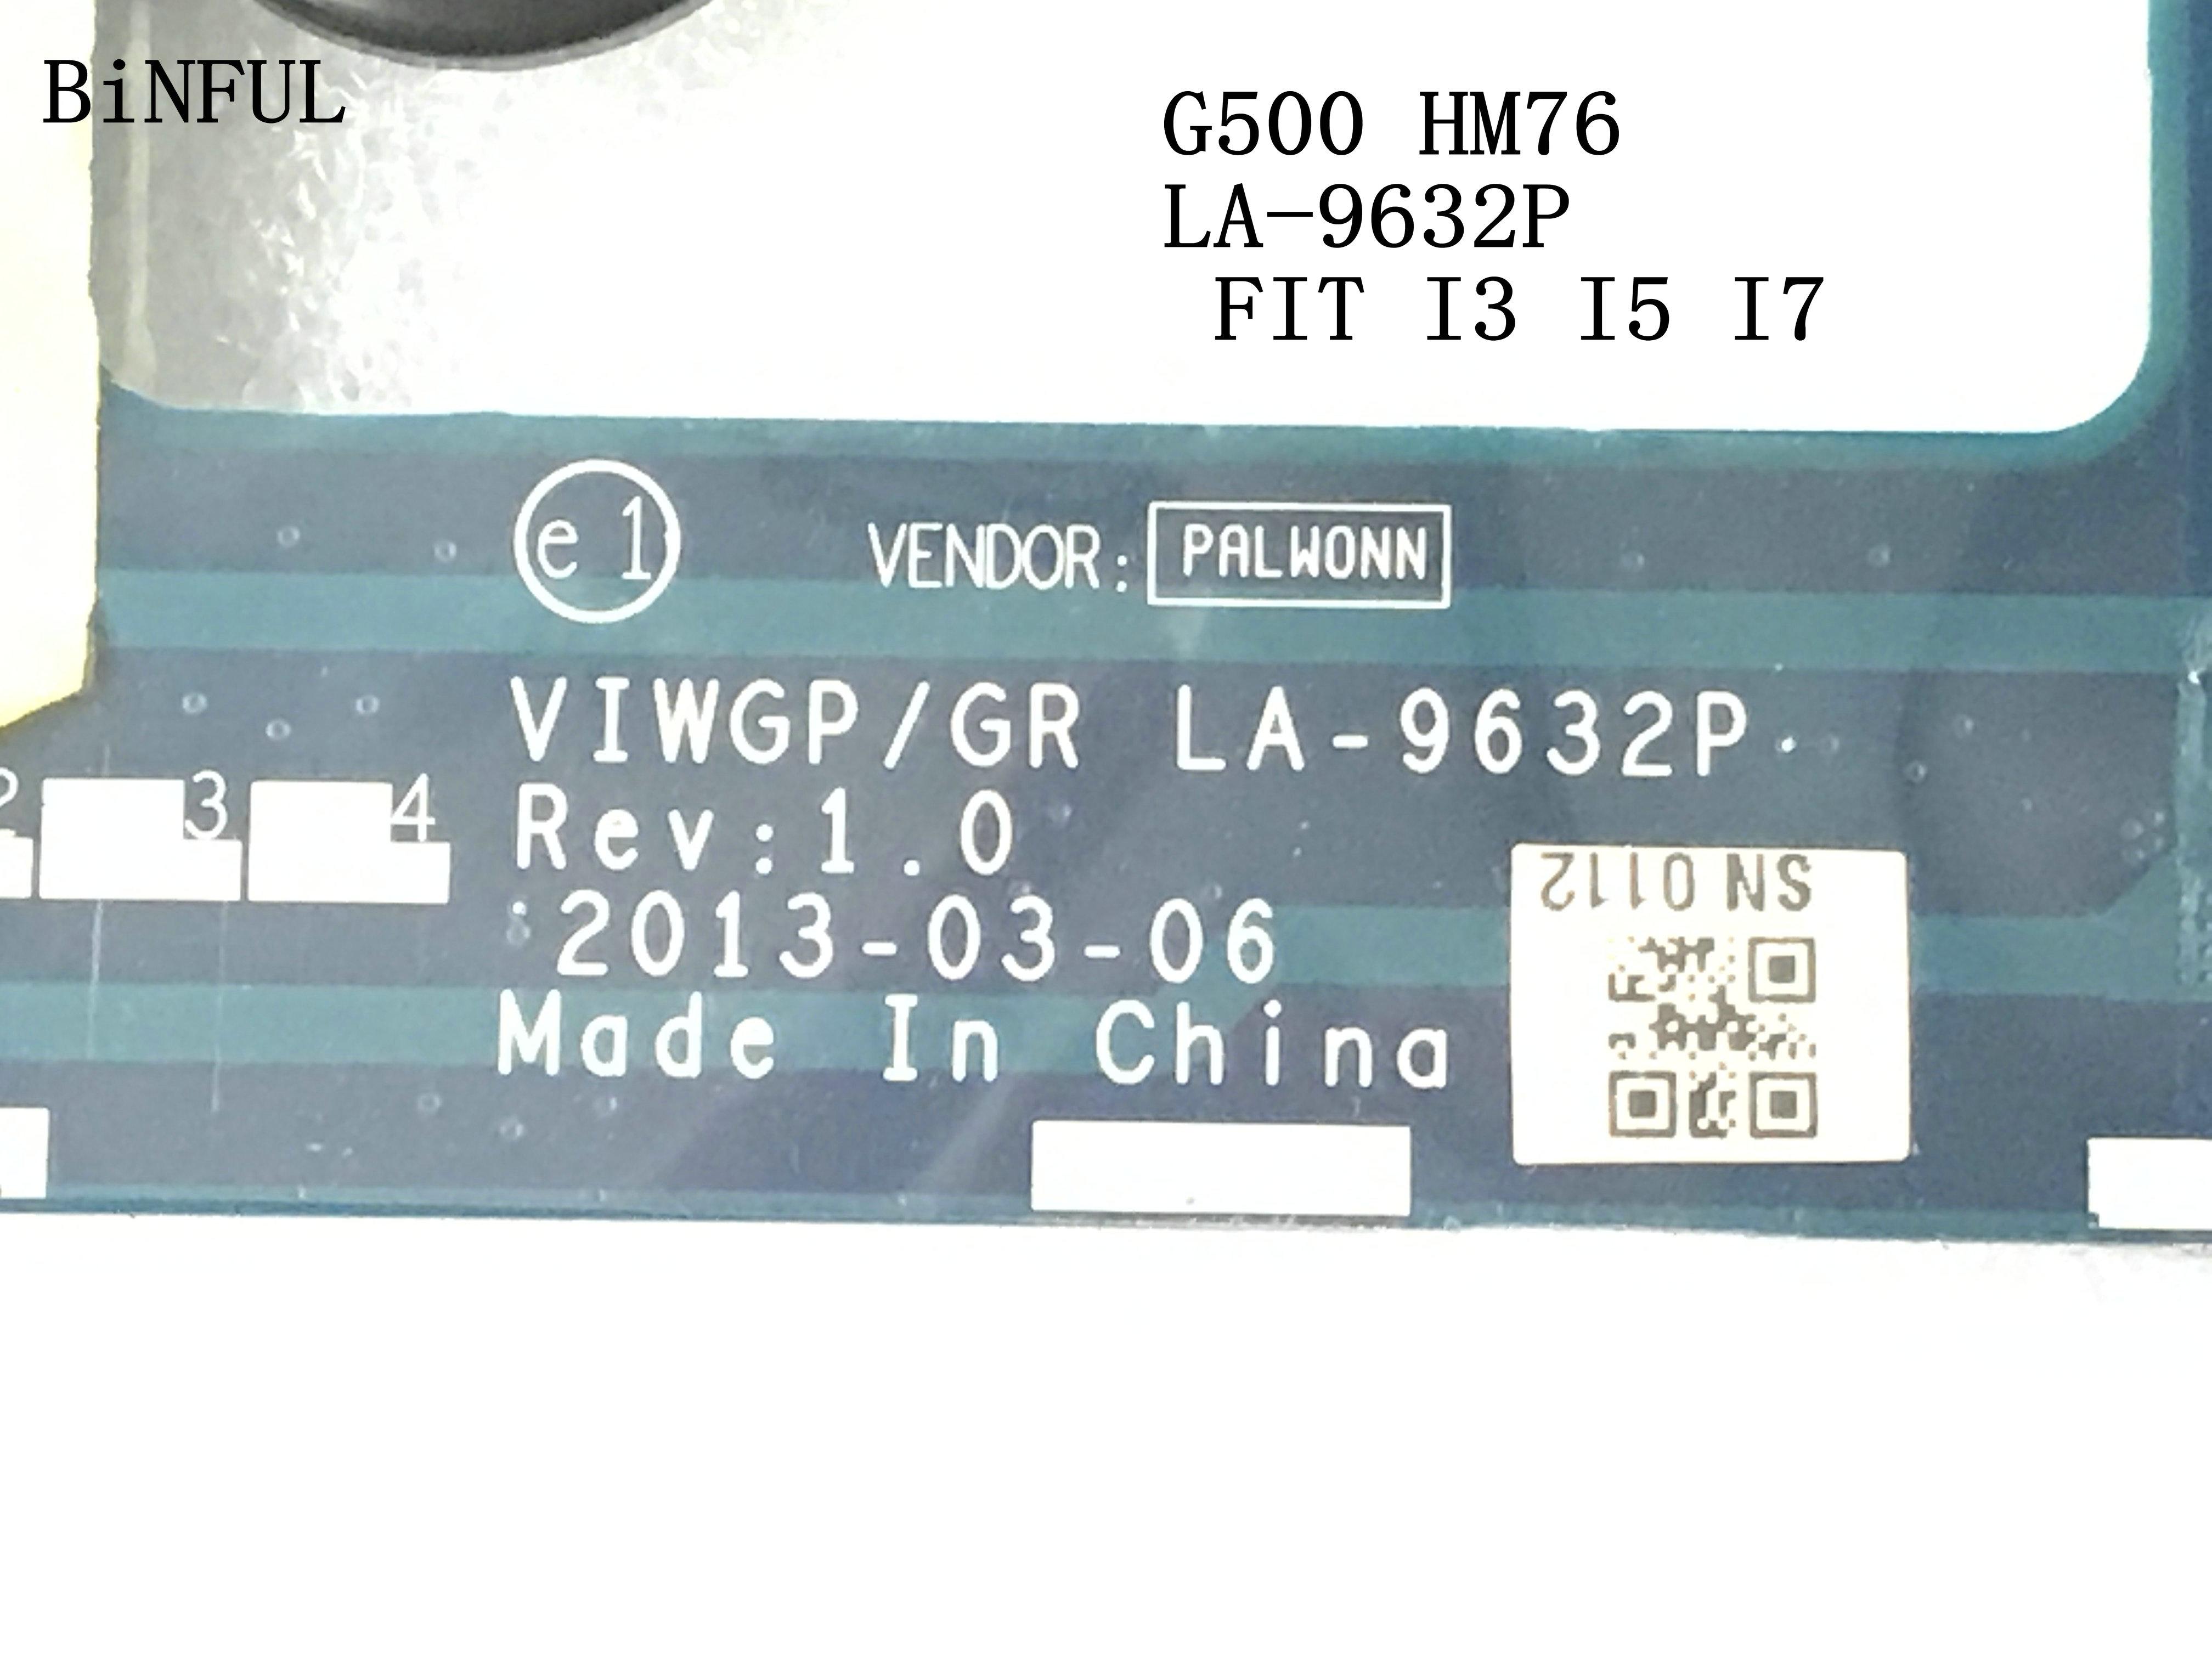 BiNFUL stock, VIWGP/GR LA-9632P материнская плата для ноутбука LENOVO G500, материнская плата для ноутбука, поддержка core I3 I5 I7 (тест ОК)